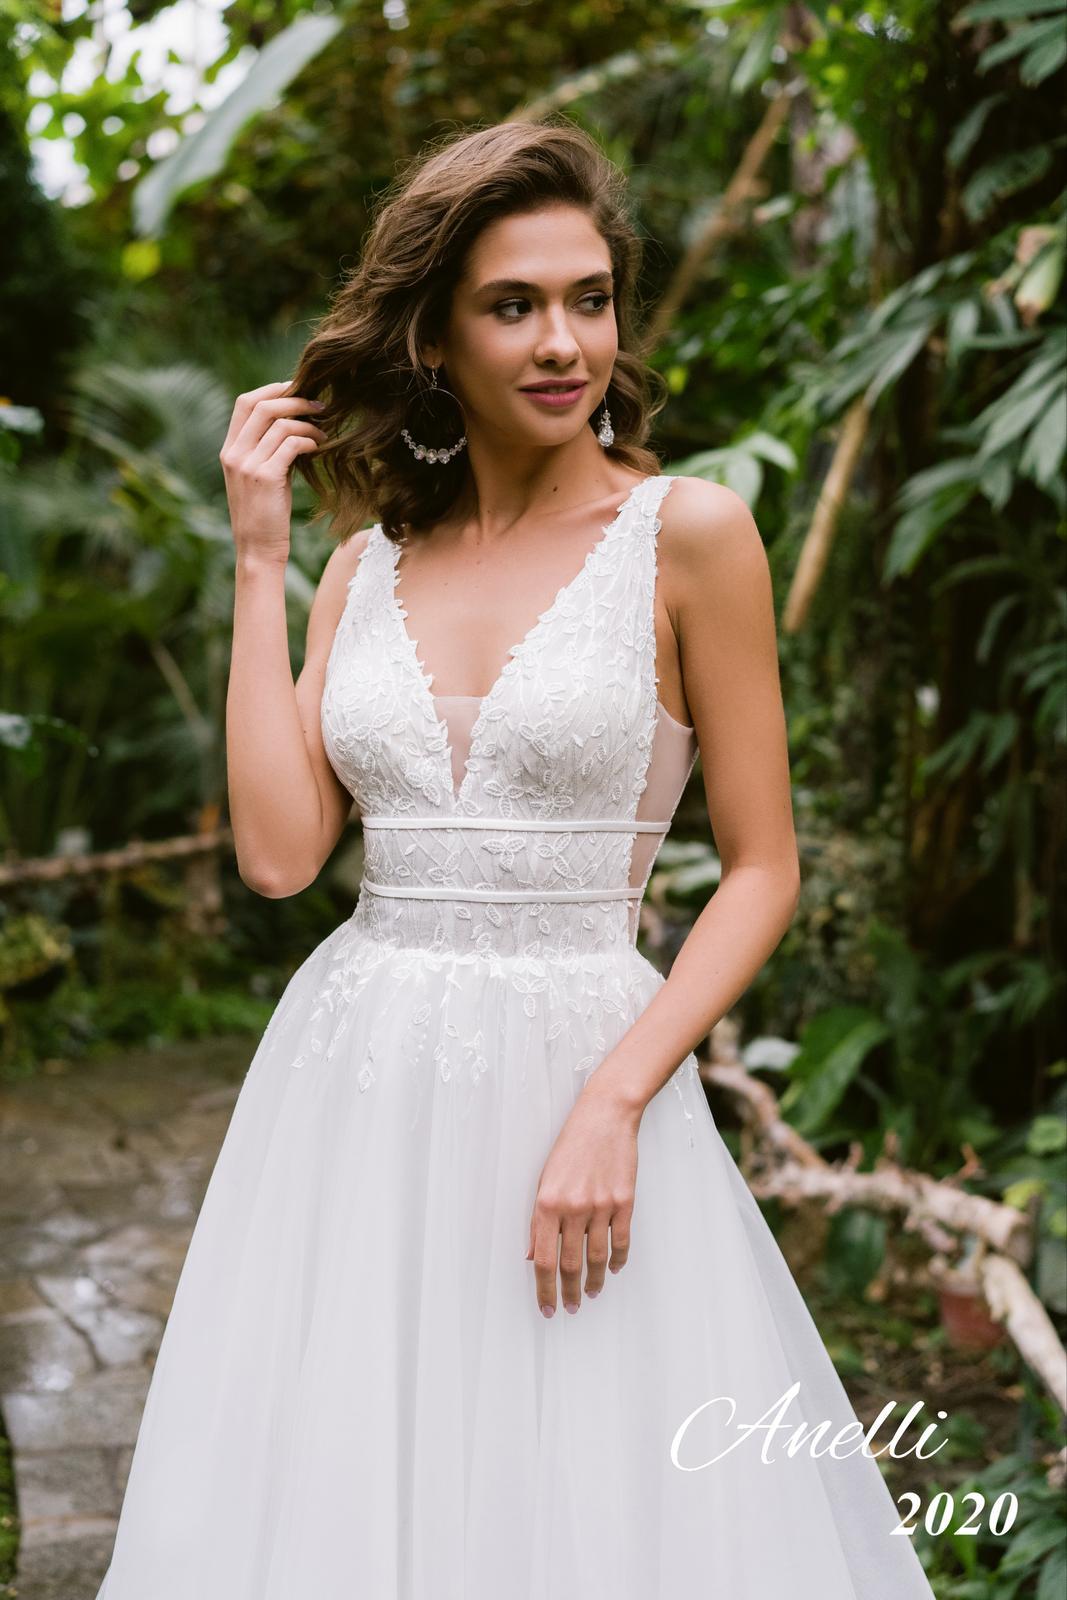 Svadobné šaty - Breeze 2020 - Obrázok č. 1